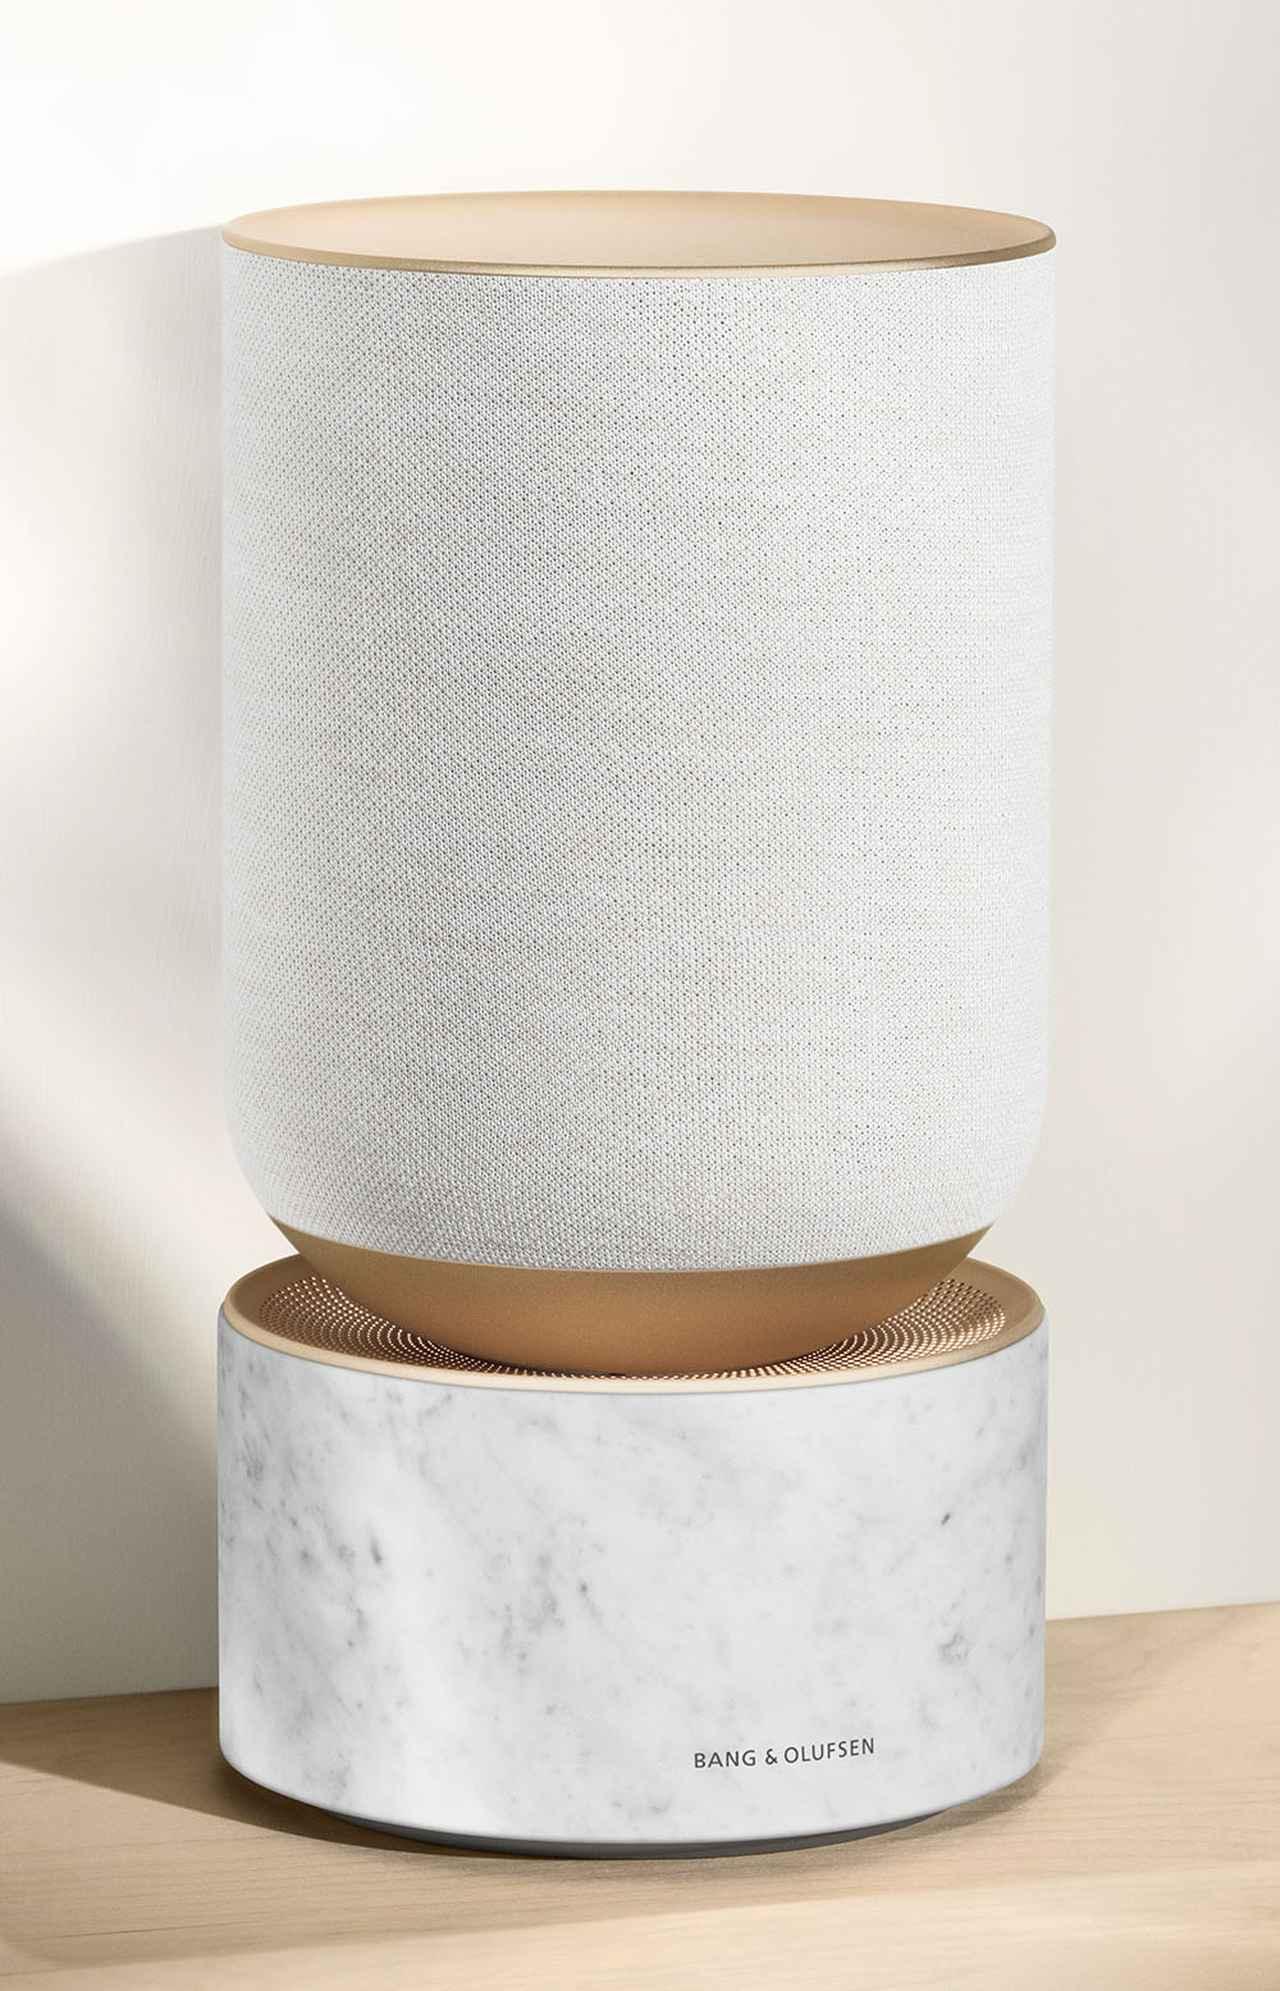 画像1: Bang & Olufsenが限定ラインの「Golden Collection」9モデルを発表。家族や仲間と家で過ごす大切な時間を祝福する為にデザインされた